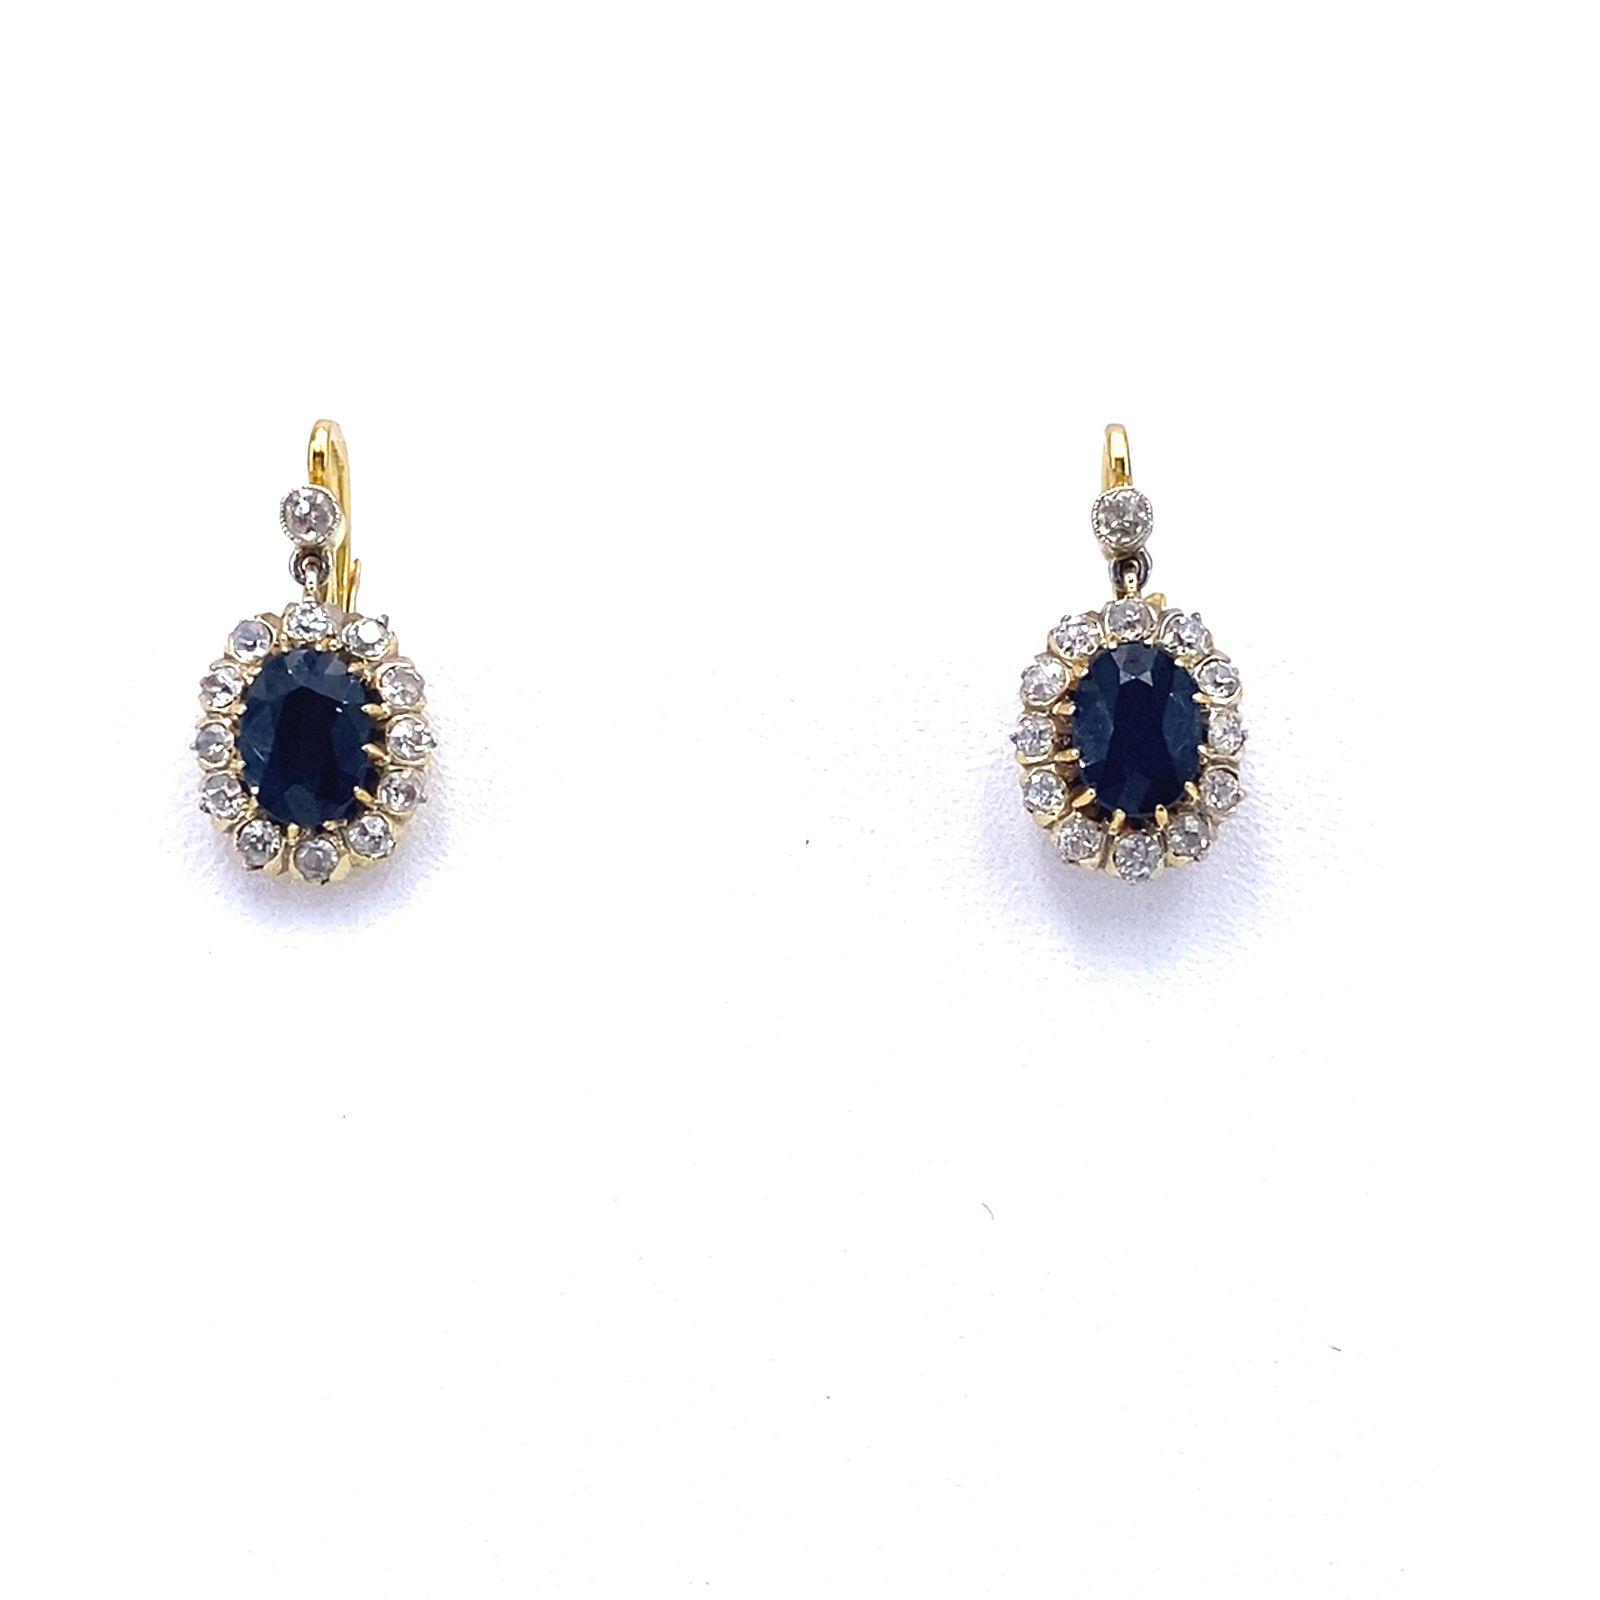 Antique Sapphires, Diamonds & 18k Gold Rosetta Earrings